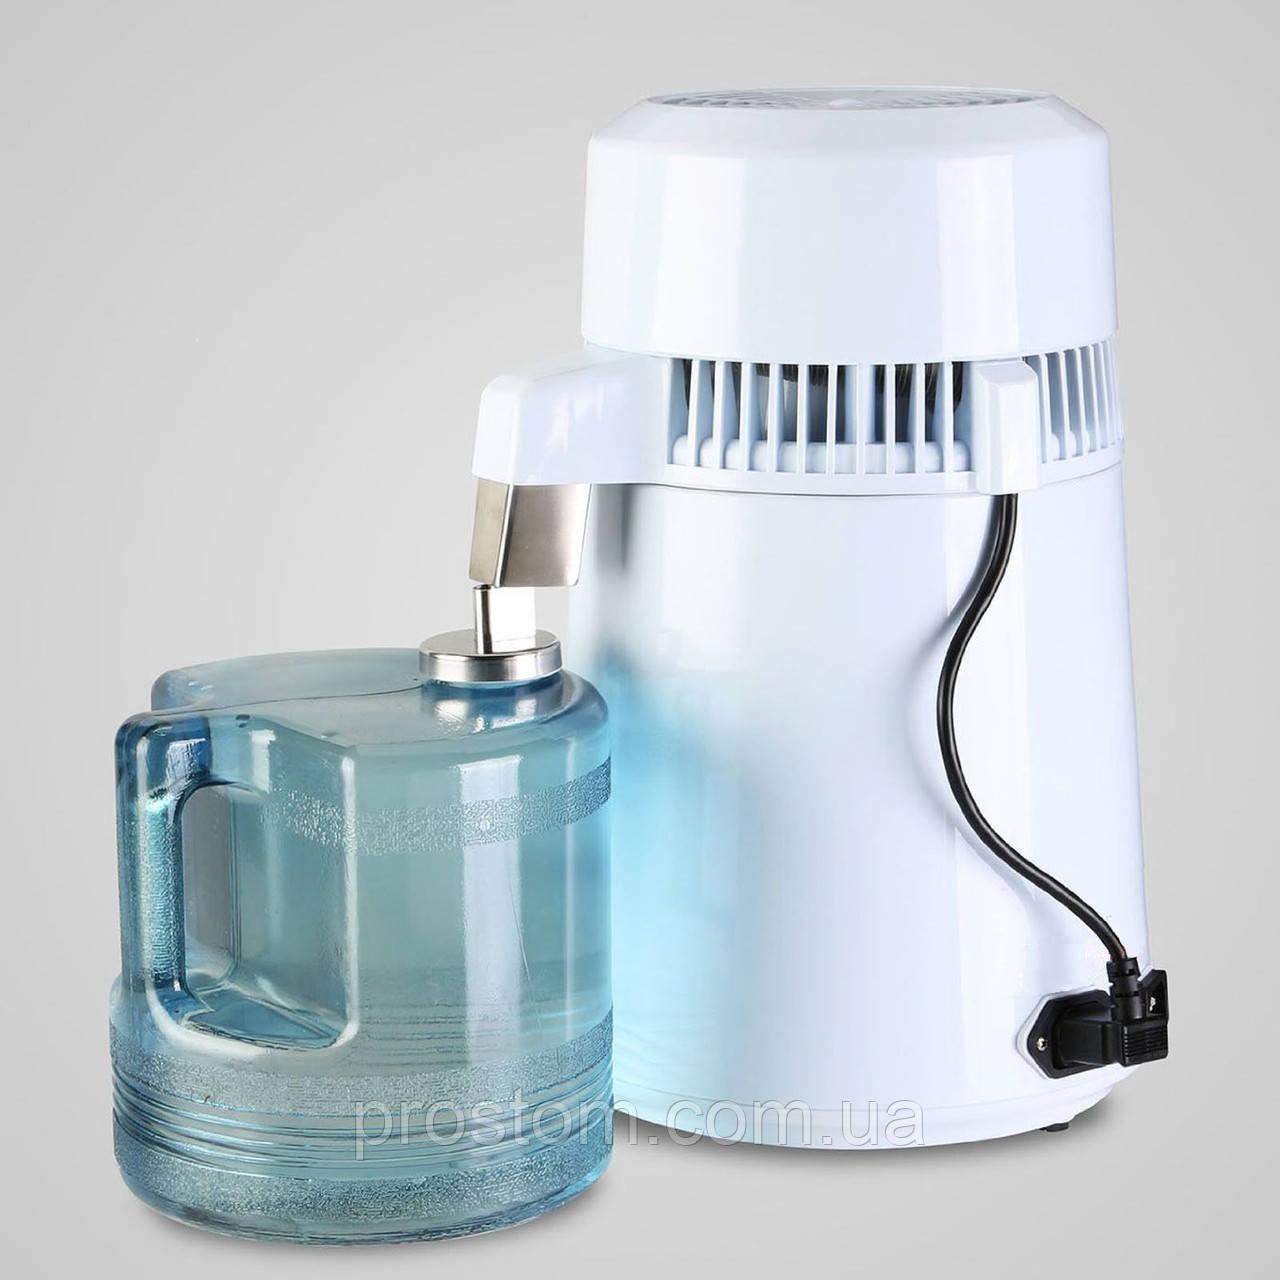 Дистиллятор DRINK (тип Б)